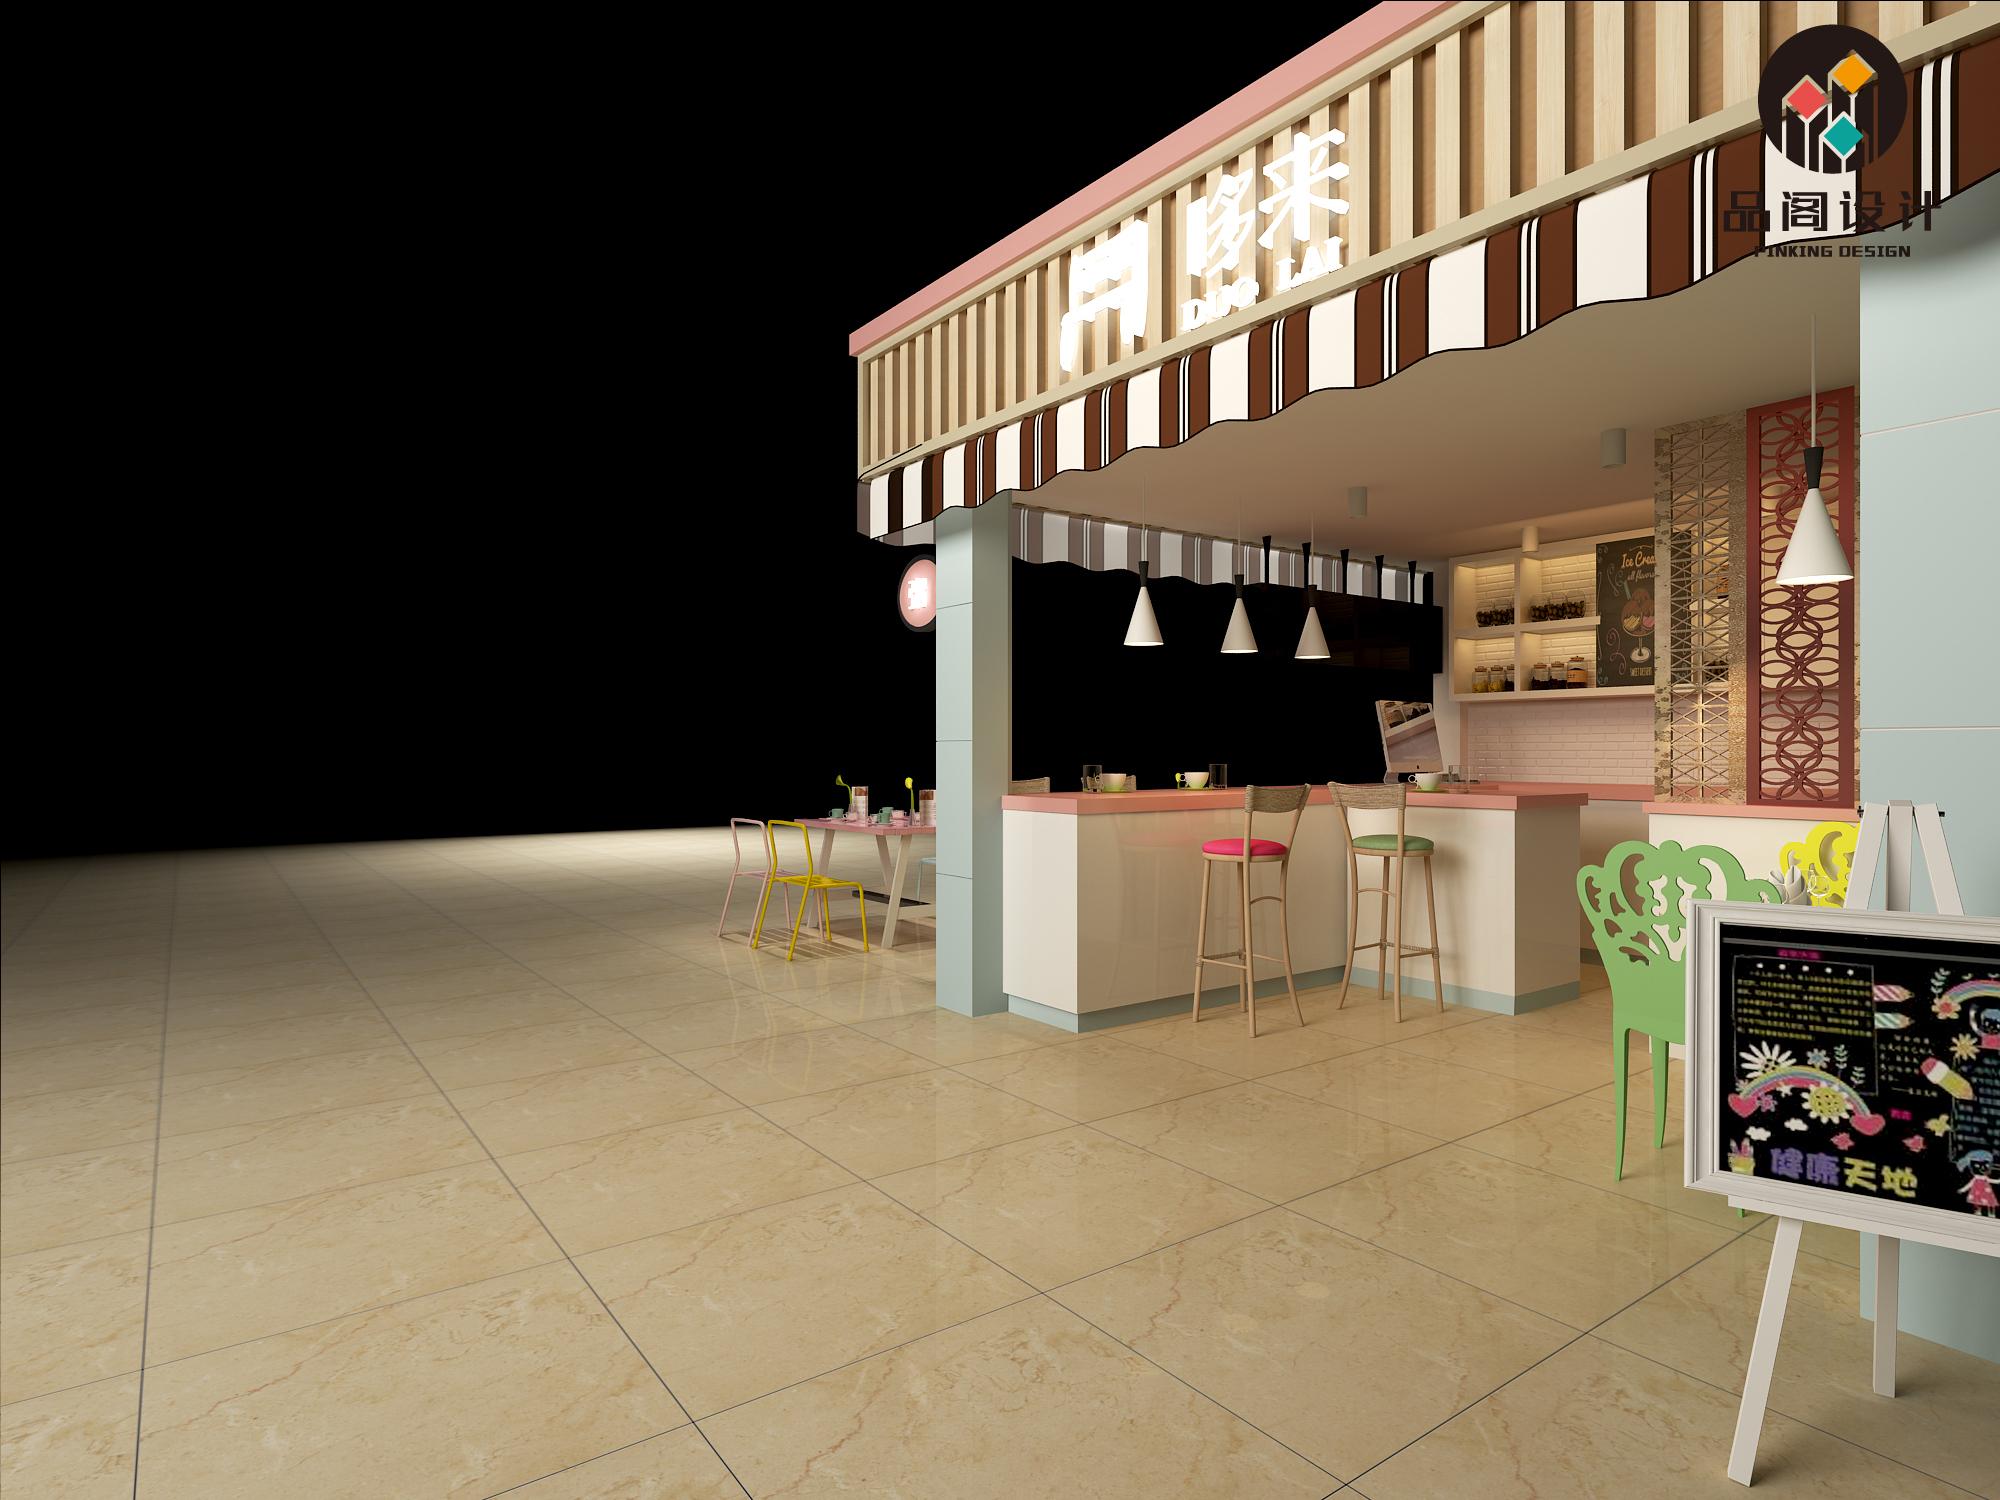 奶茶甜品店店铺效果图设计 装修设计效果图 室内门店设计效果图